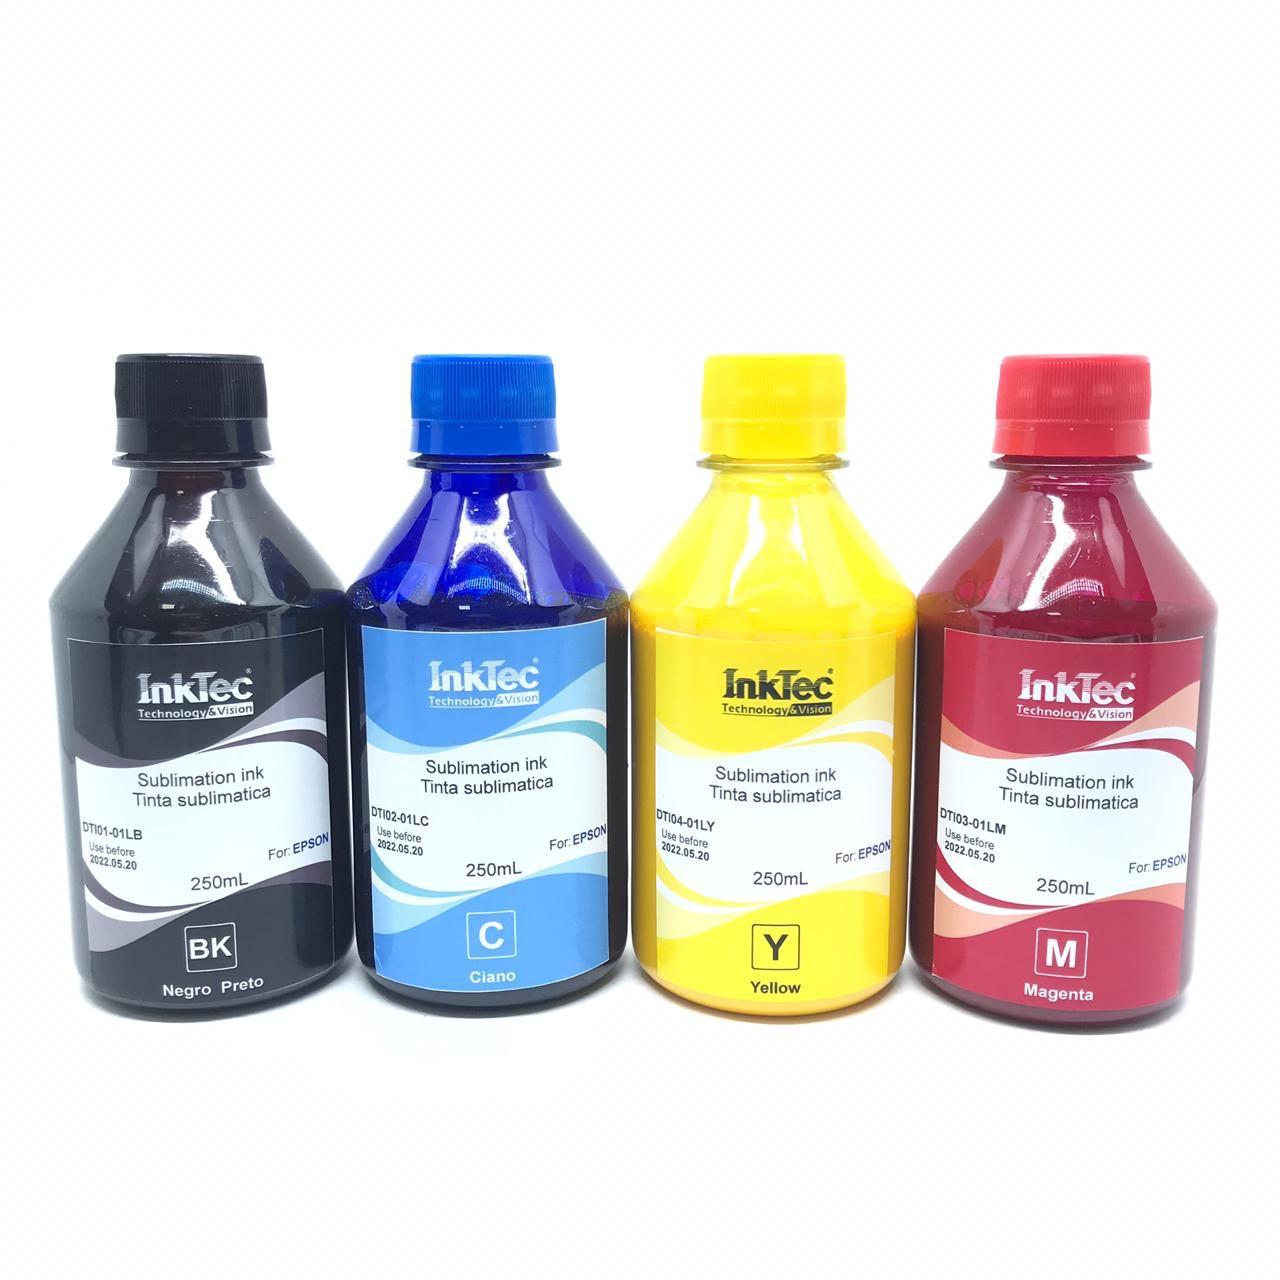 Tinta Sublimatica Inktec Dti Epson 4 X 250ml